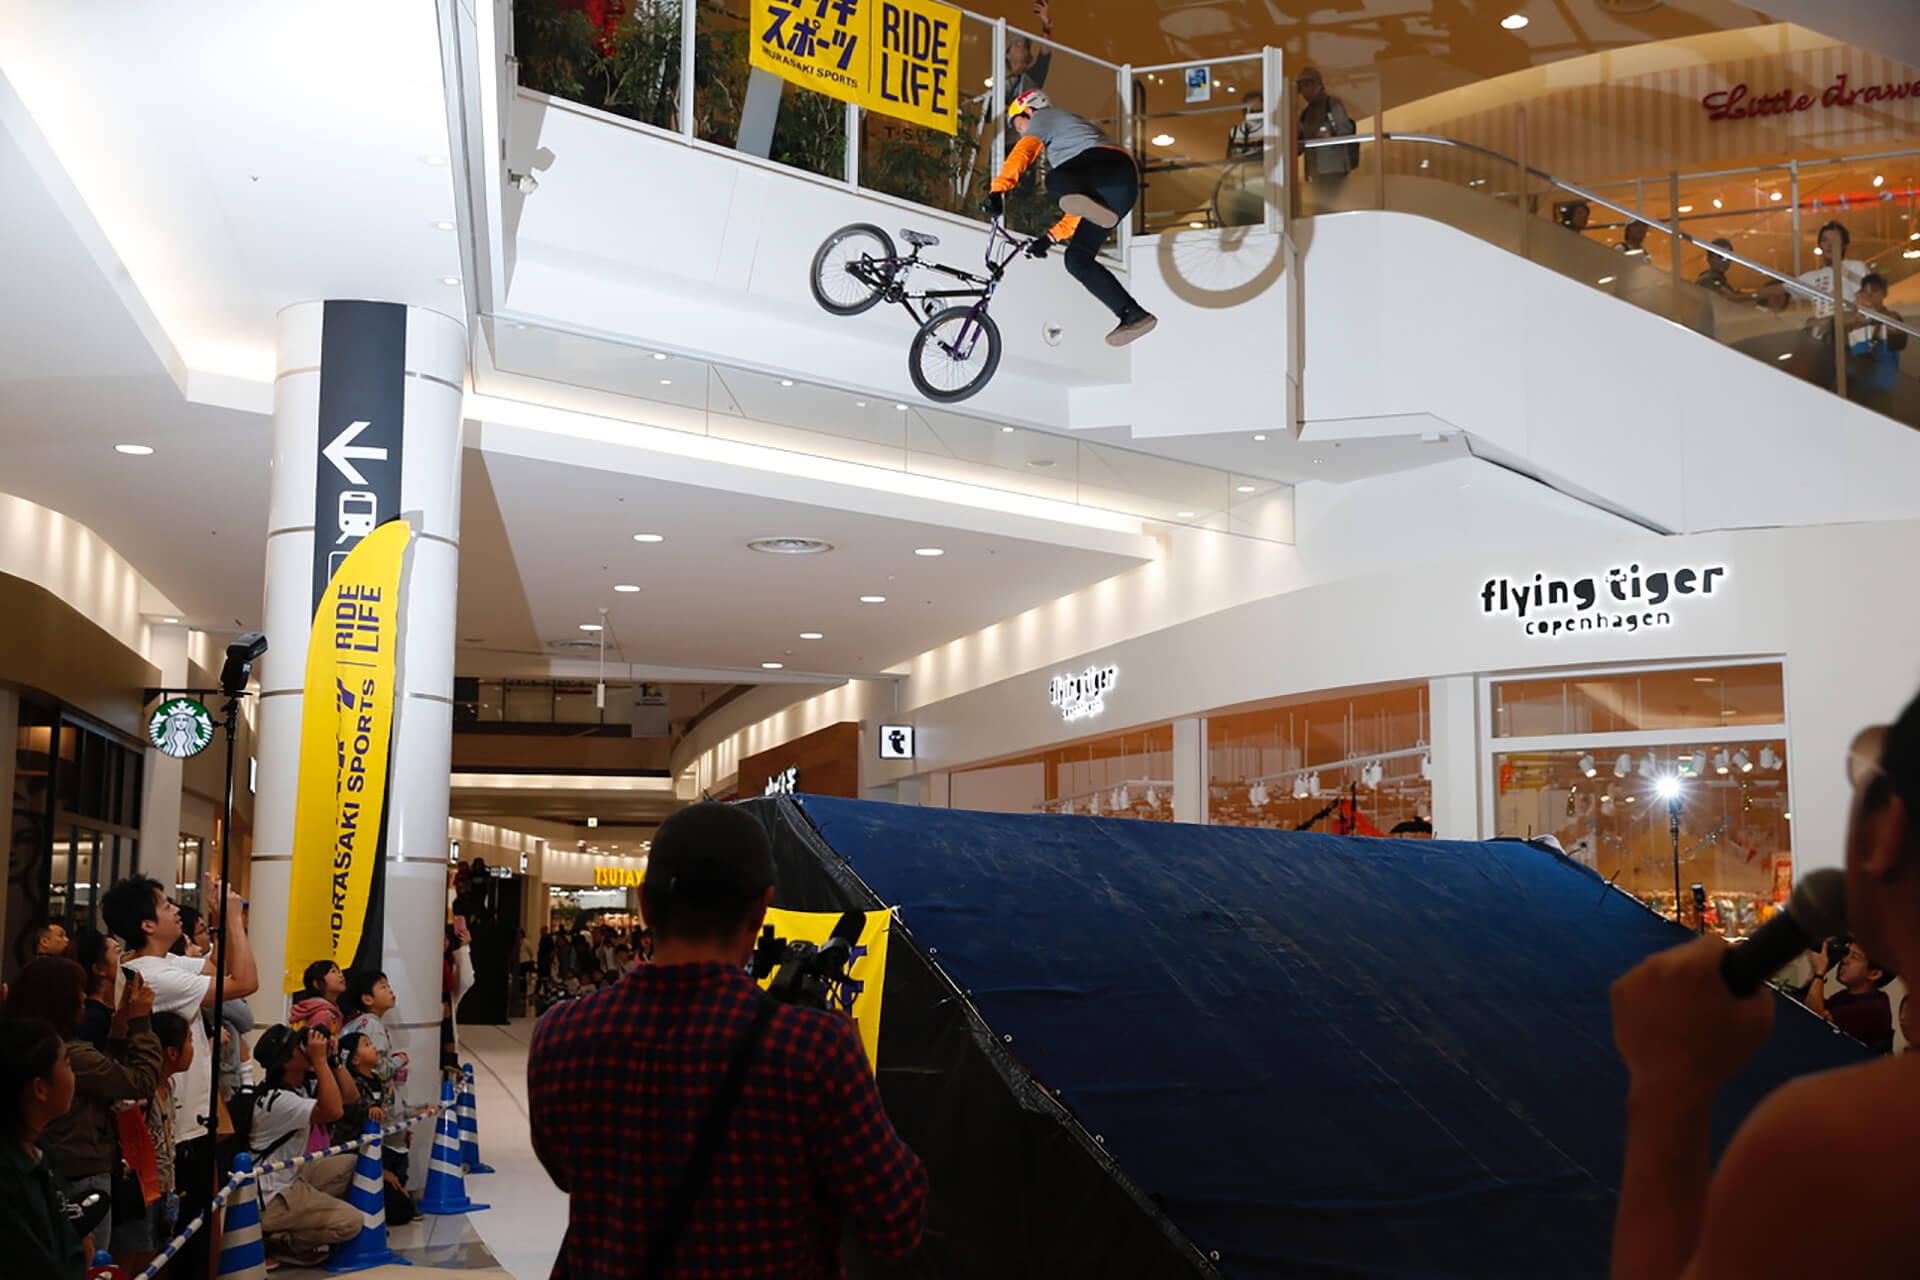 この写真は越谷イオンレイクタウンにて、 スケートボード&BMXスペシャルパフォーマンスショーのパフォーマンスの様子。バイクが空を舞っている様子です